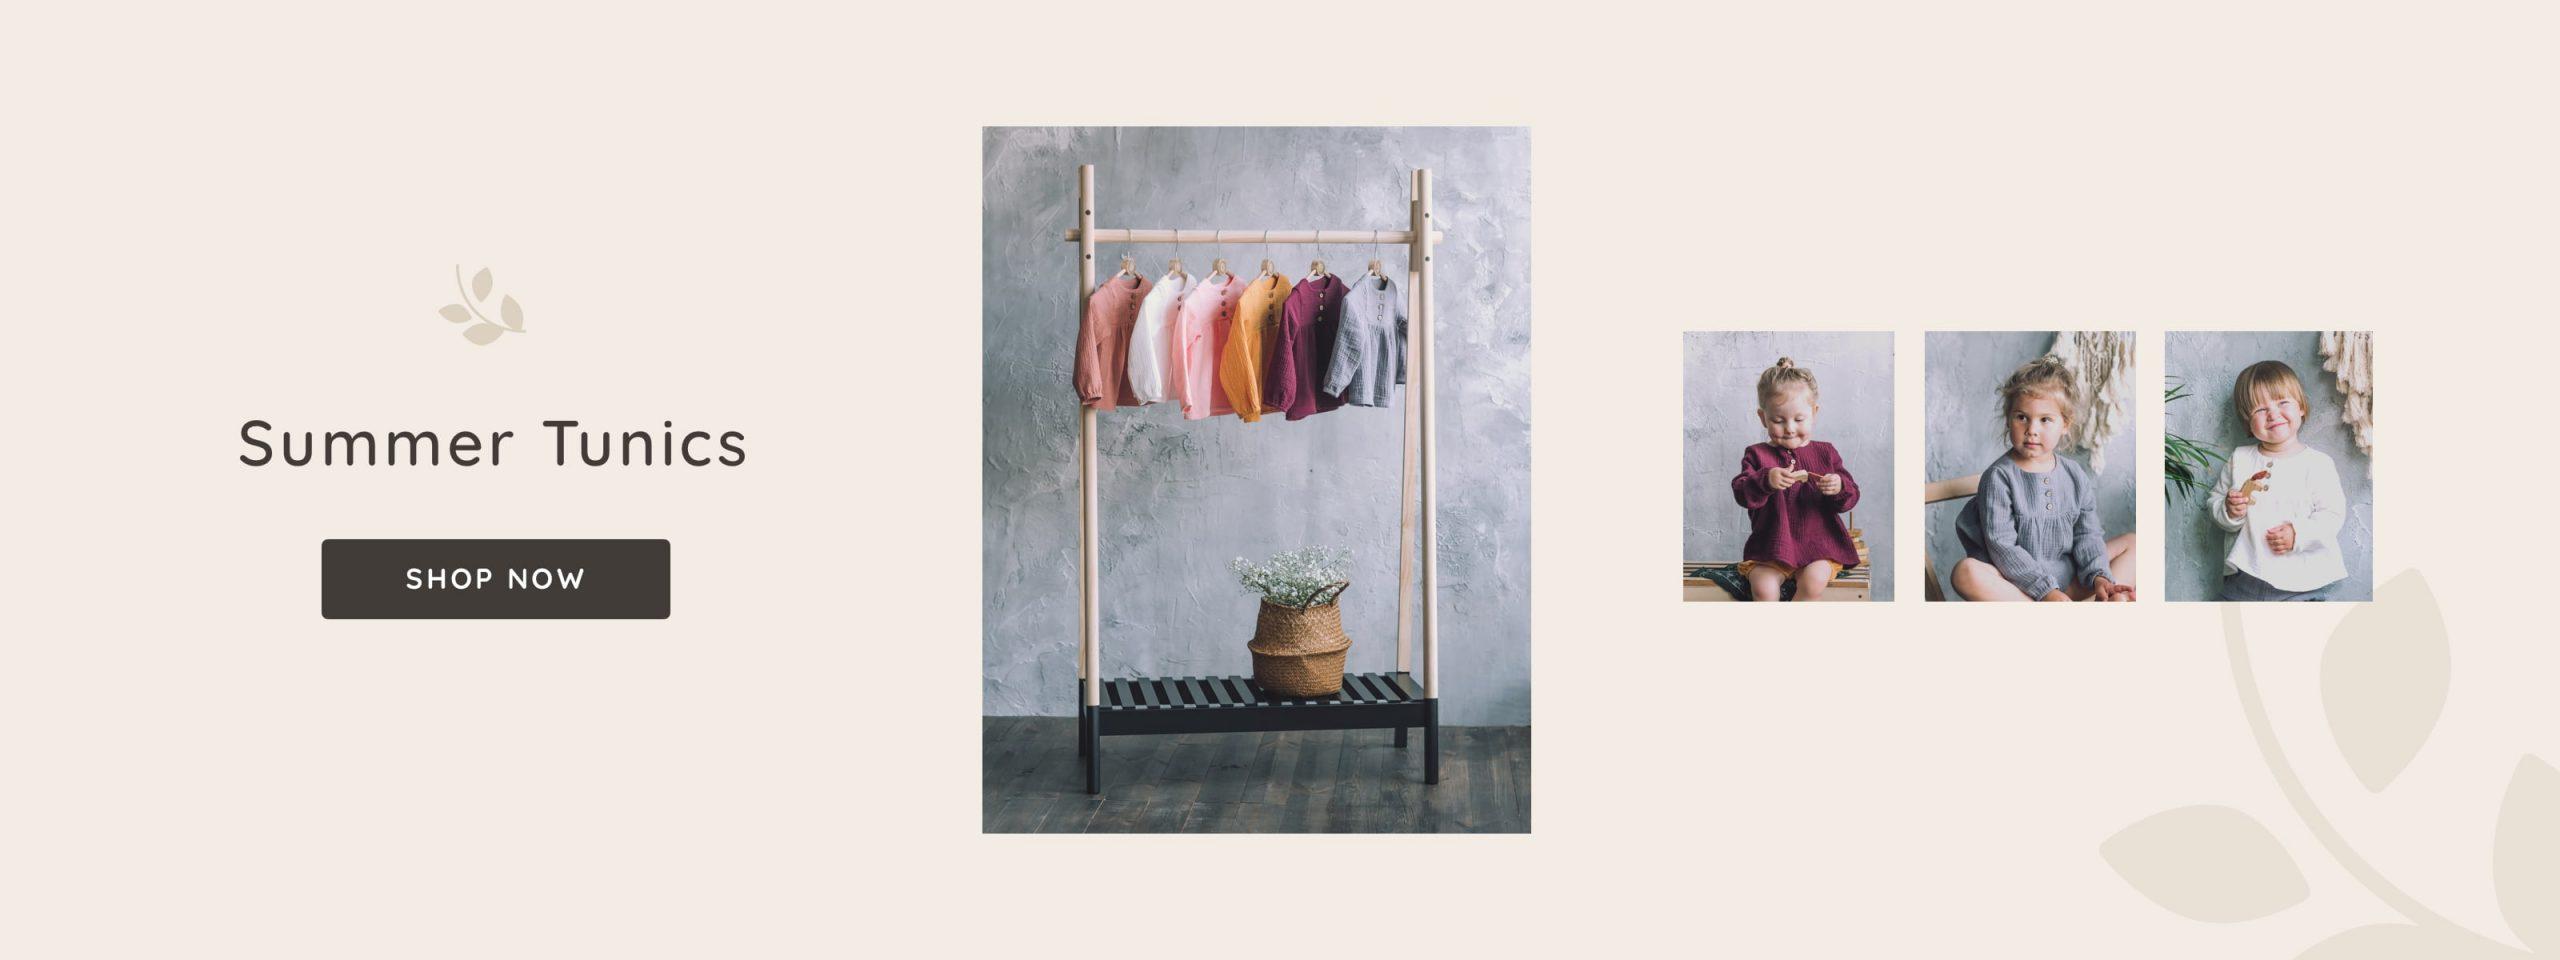 handmade-baby-organic-summer-tunics